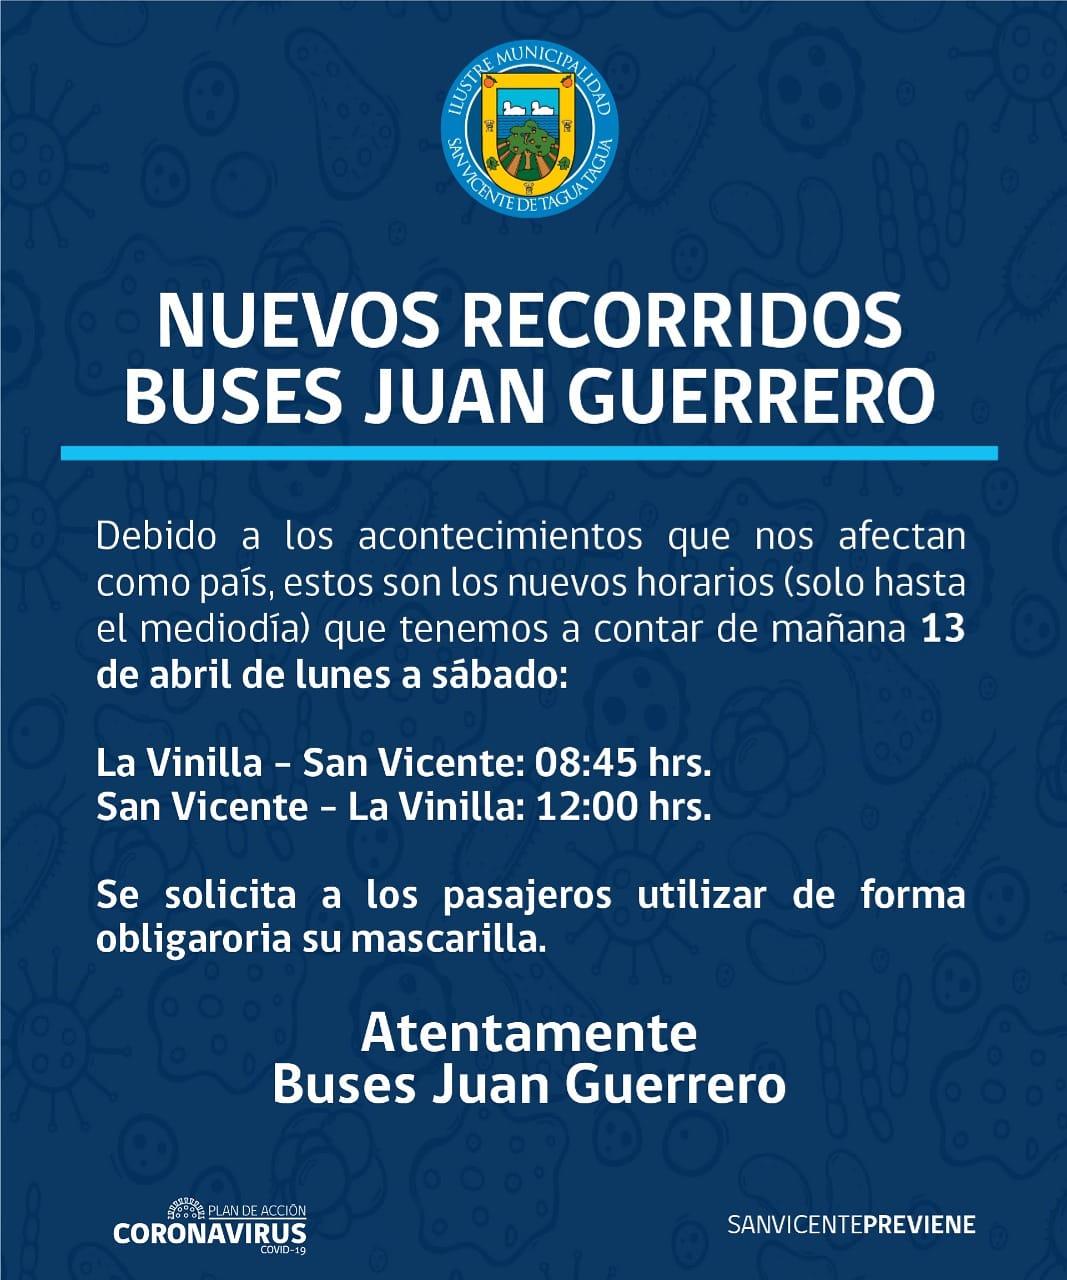 NUEVOS RECORRIDOS BUSES JUAN GUERRERO